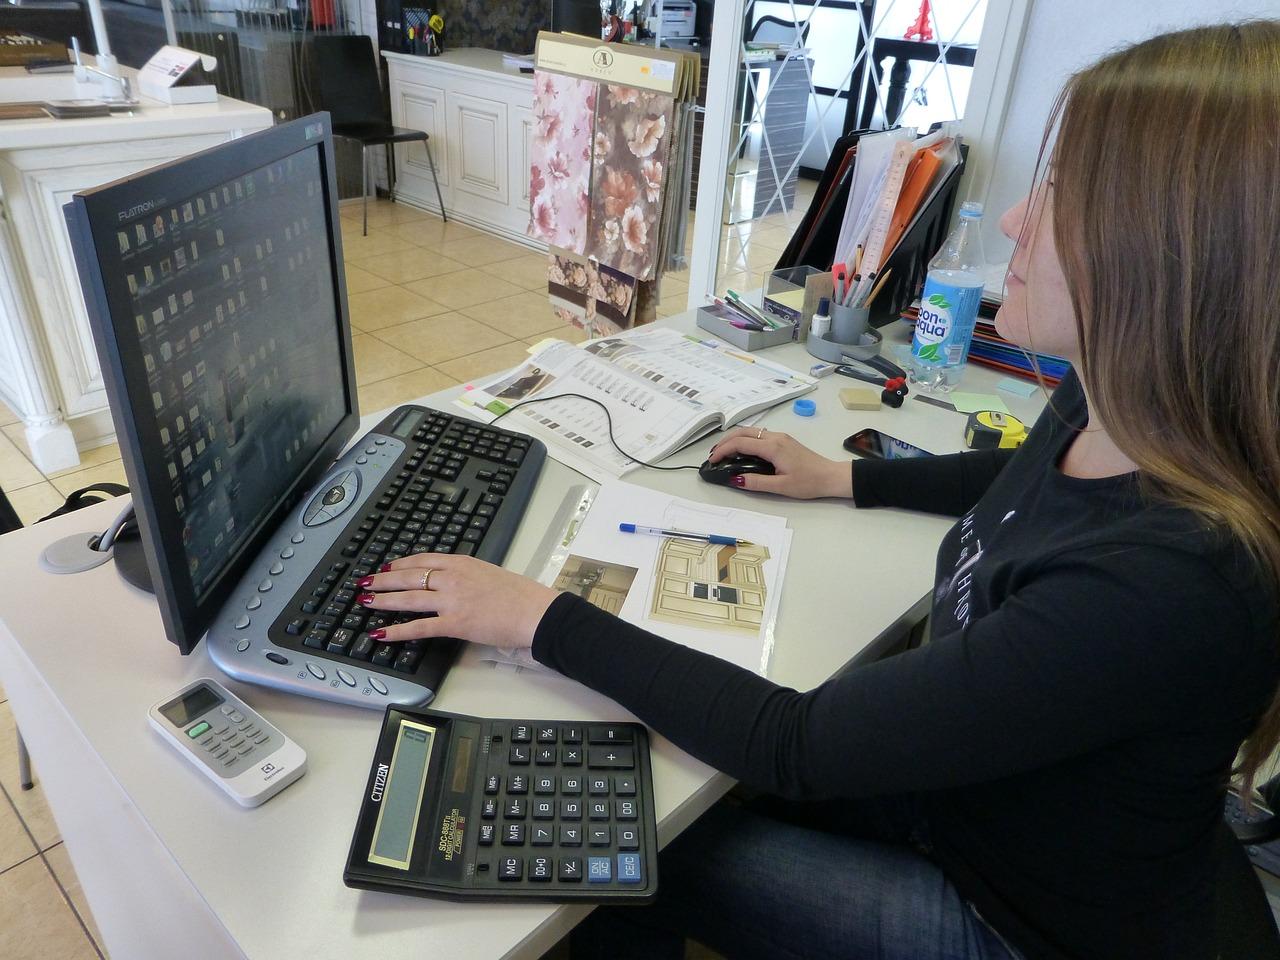 Работа фрилансером в екатеринбурге на дому работа на дому удаленно на компьютере через интернет